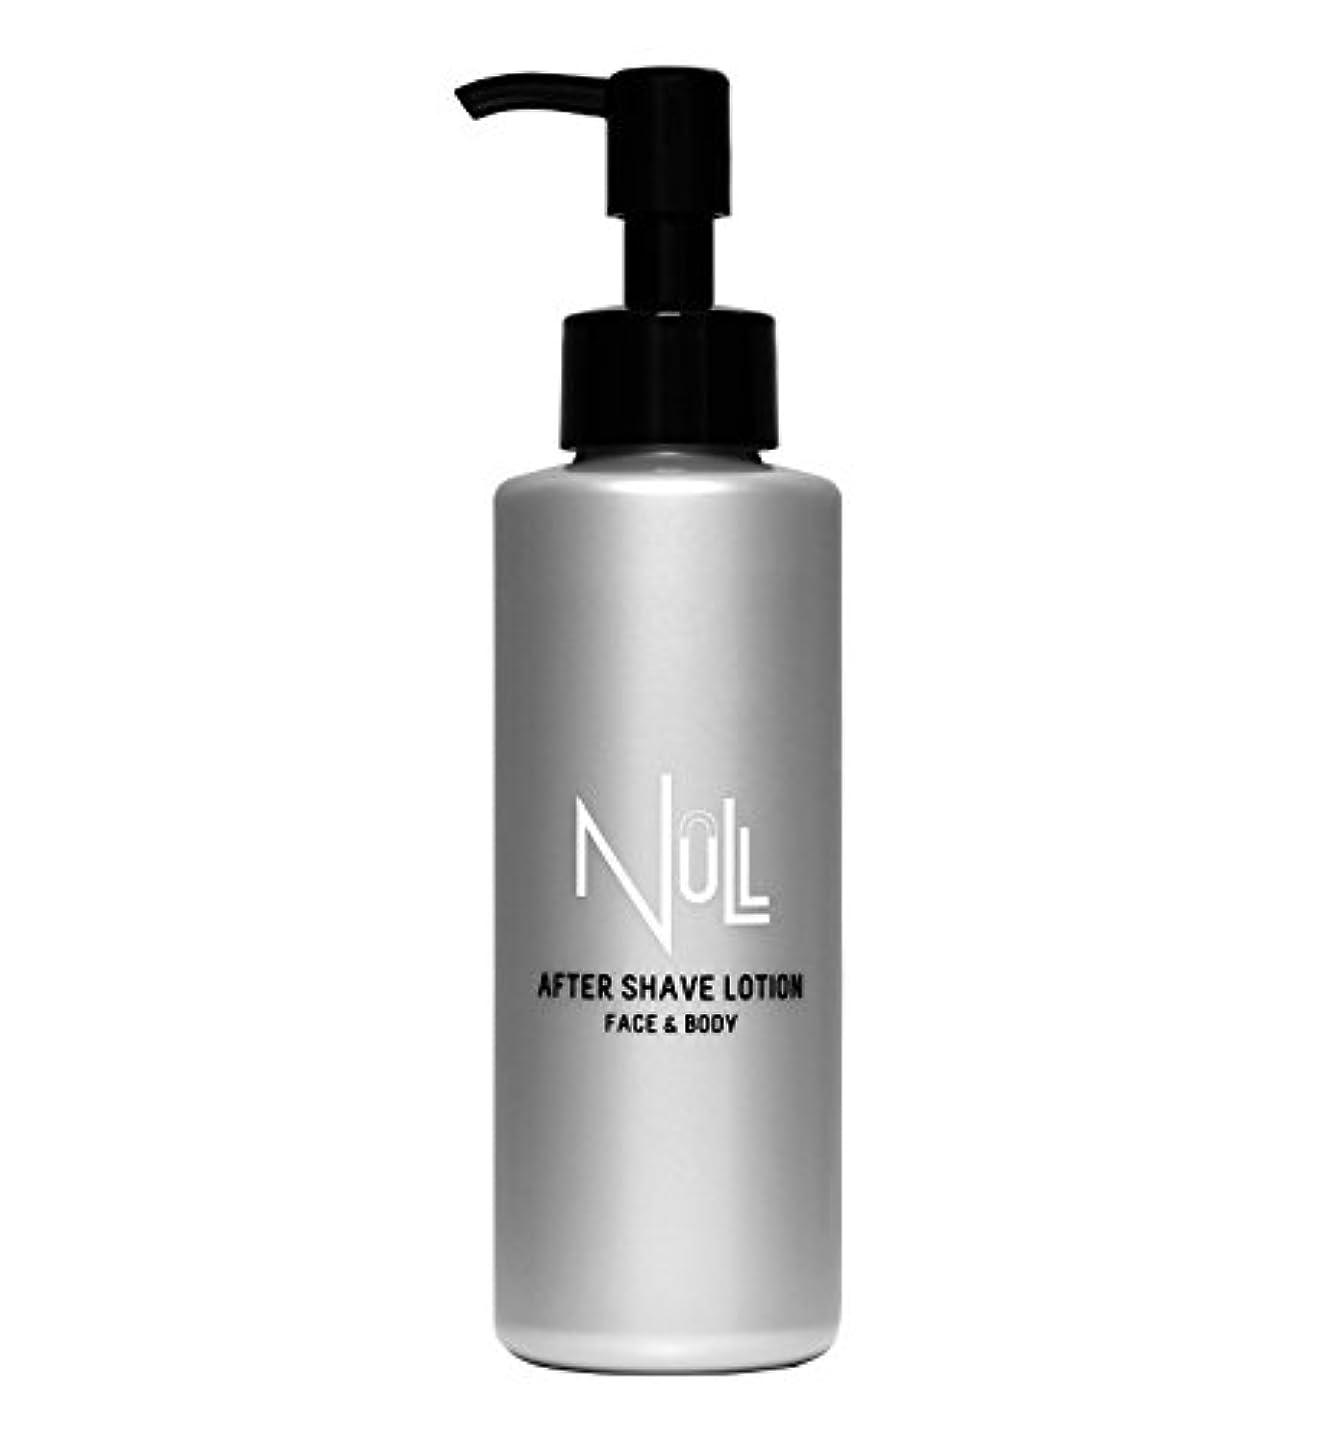 まもなく蒸留警察NULL アフターシェーブローション 化粧水 メンズ 150ml メンズ (除毛 ヒゲ剃り のアフターケアに)